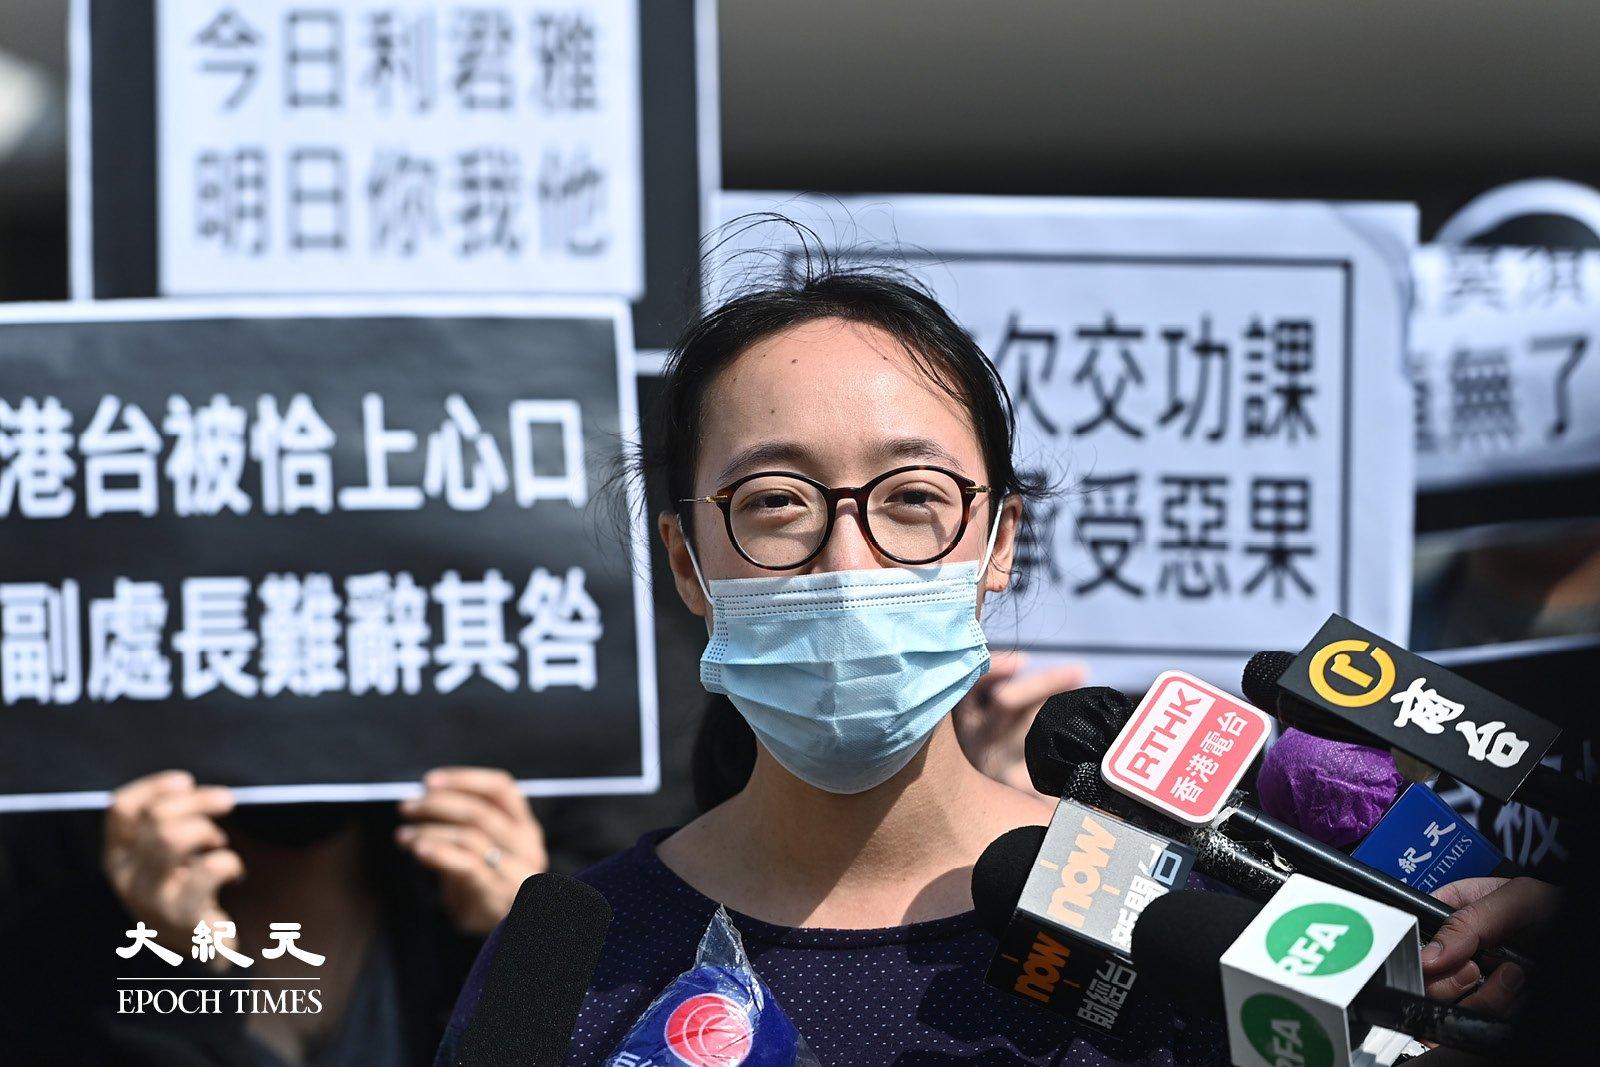 港台節目製作人員工會主席趙善恩,攝於2021年1月28日。(宋碧龍/大紀元)